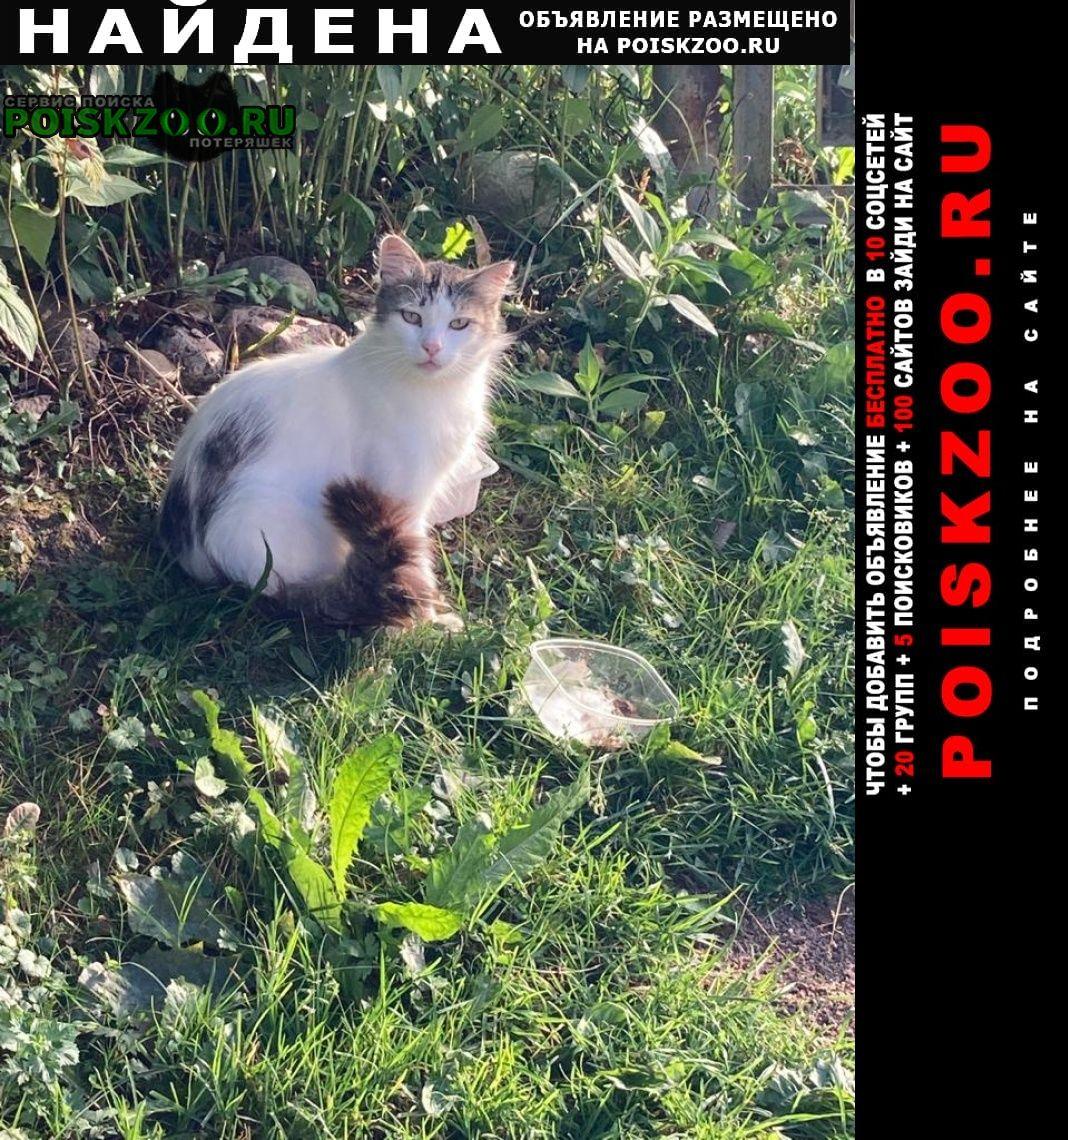 Найден кот Санкт-Петербург